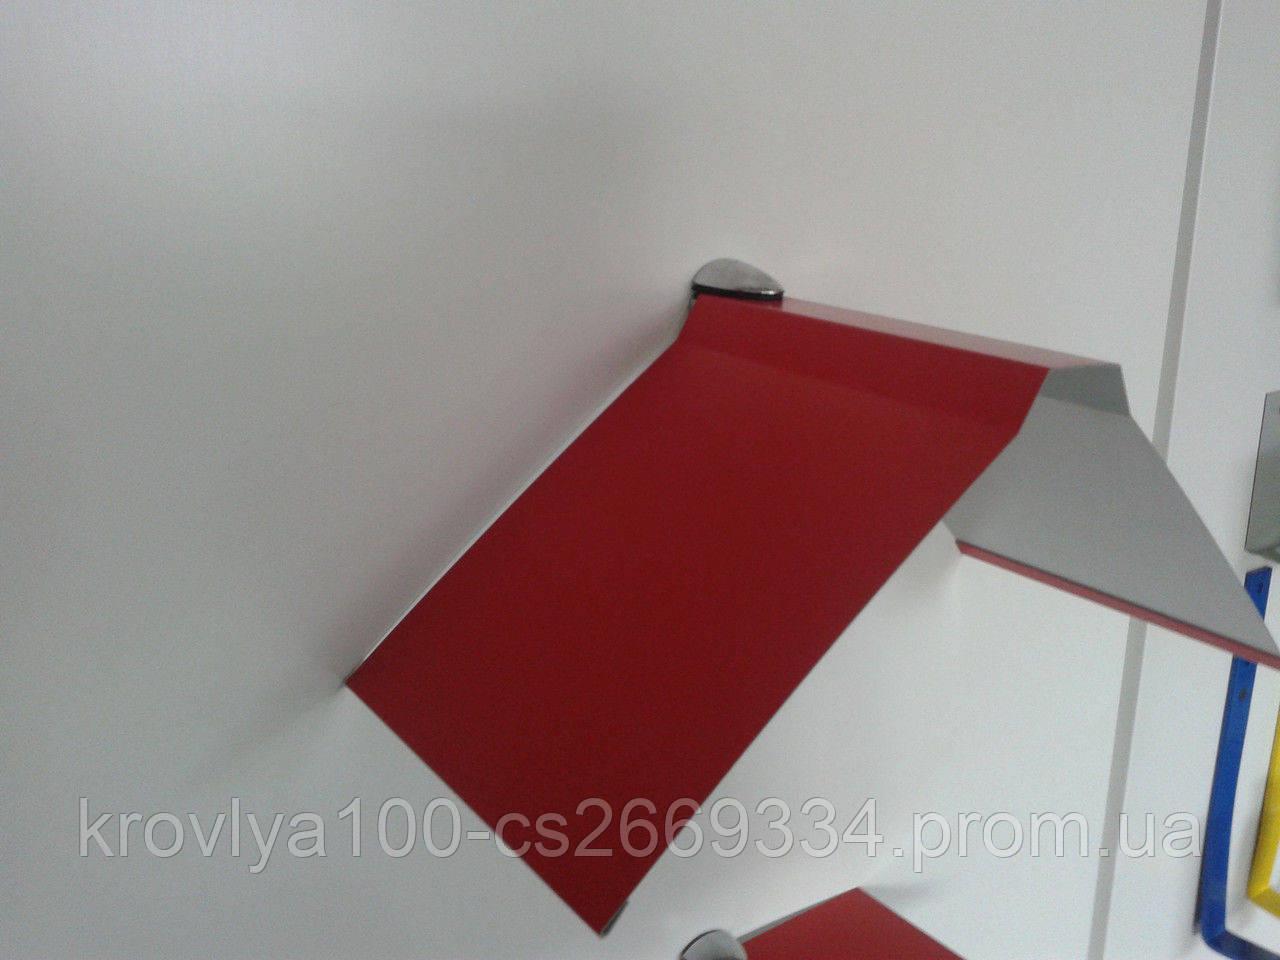 Конек прямой металлический для крыши